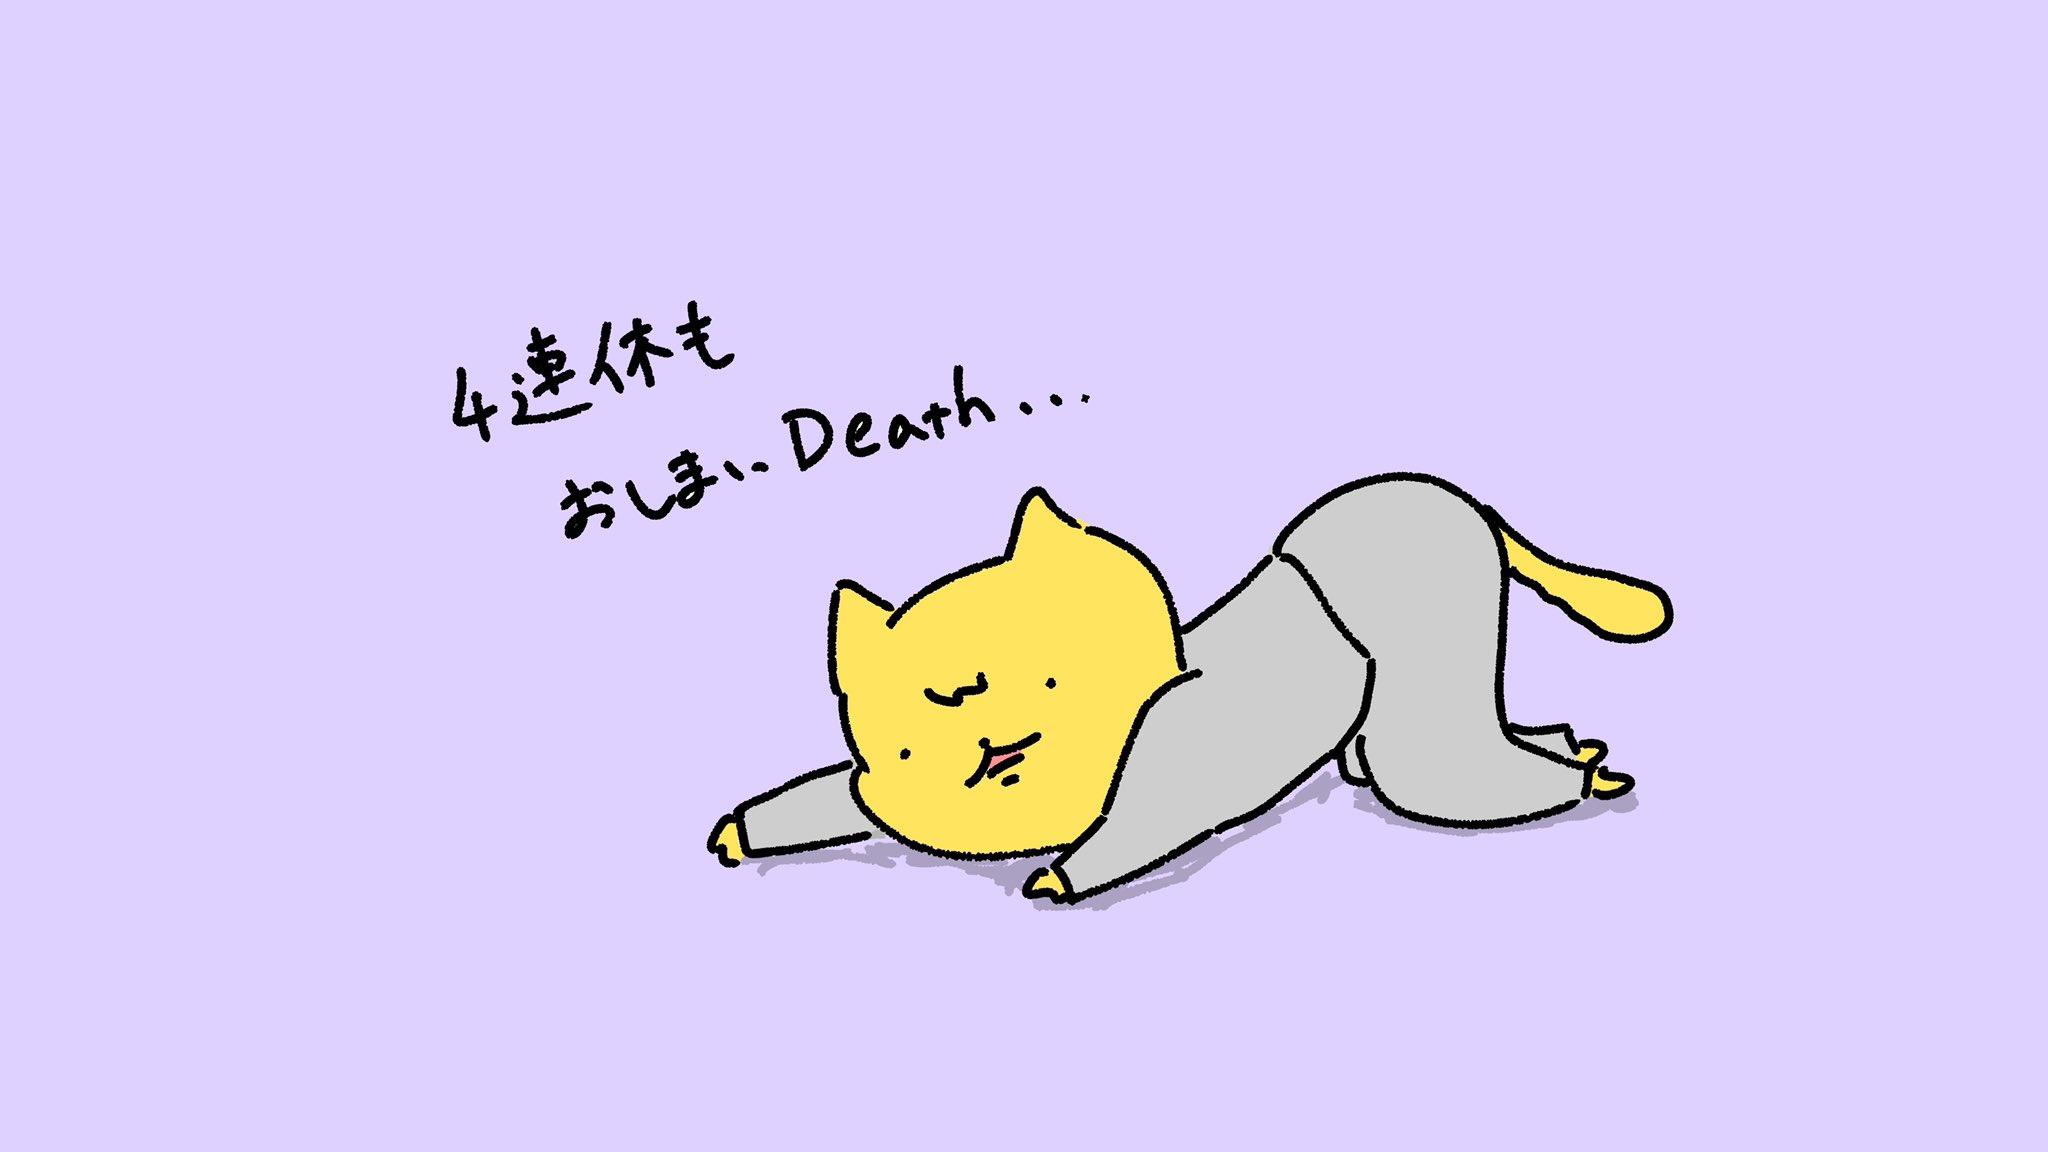 Death スタンプ おしまい